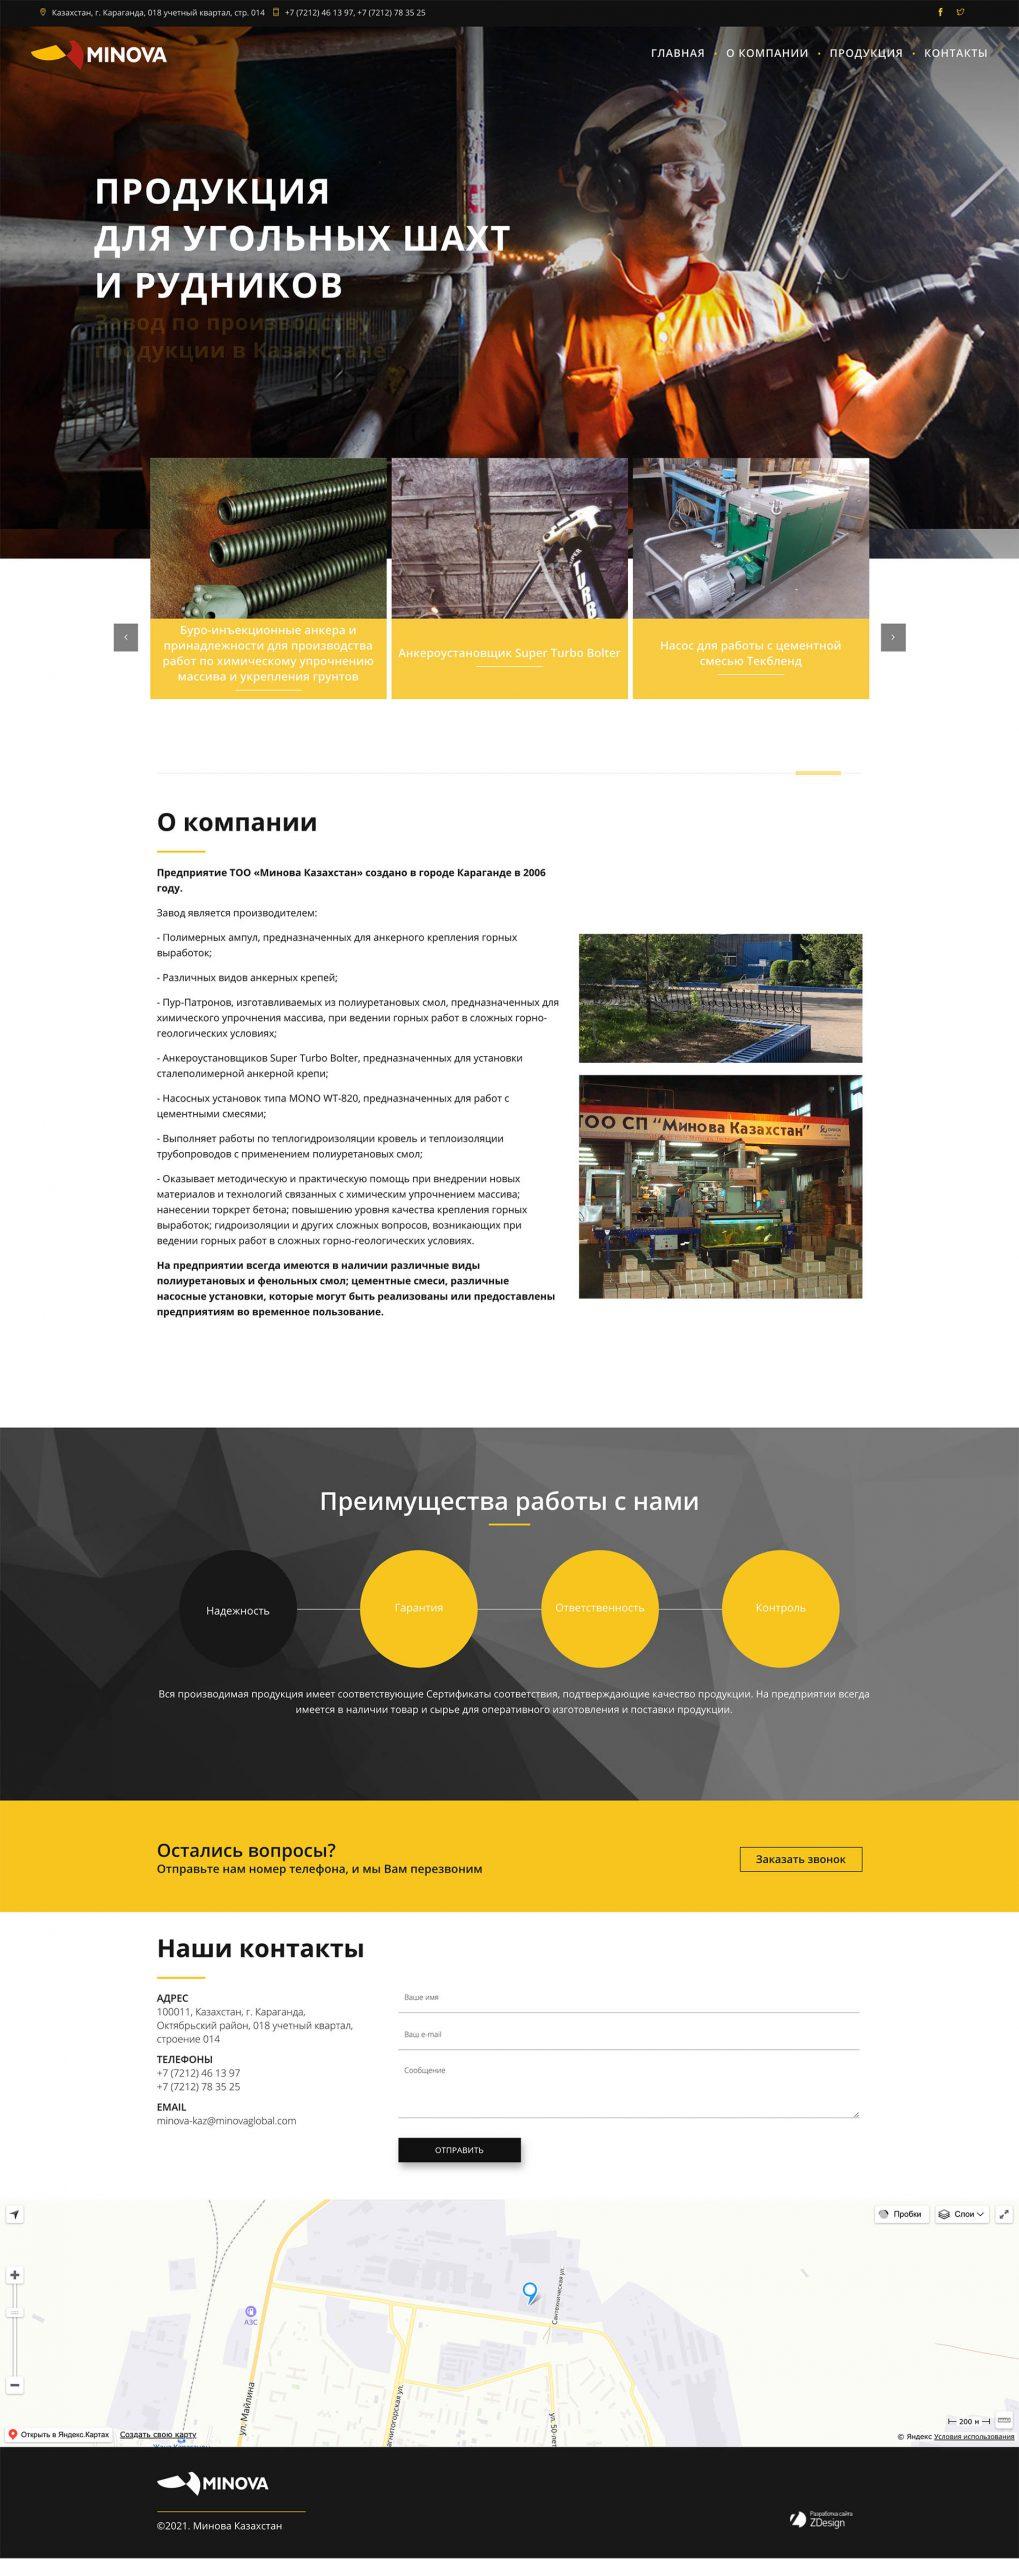 Редизайн и программирование корпоративного сайта Minova